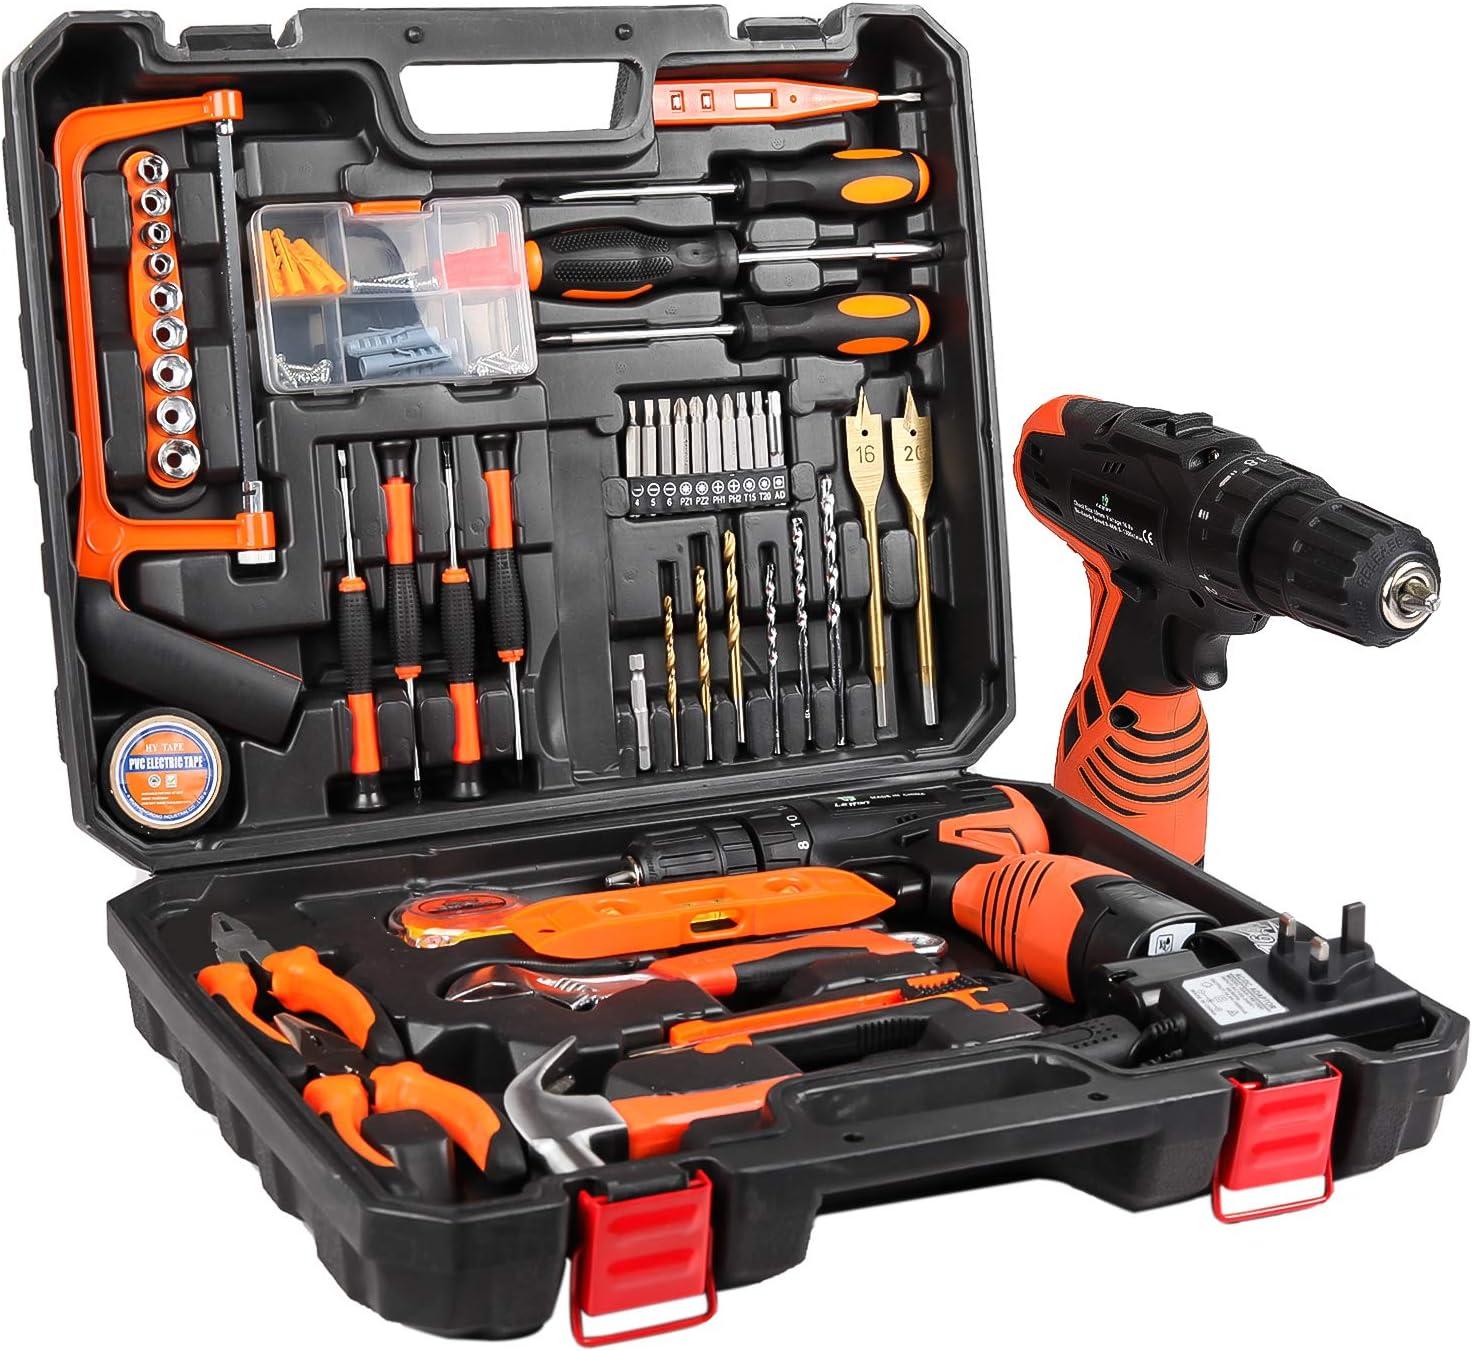 Letton - Kit de herramientas con taladro inalámbrico de 16,8 V para 60 accesorios: Amazon.es: Bricolaje y herramientas